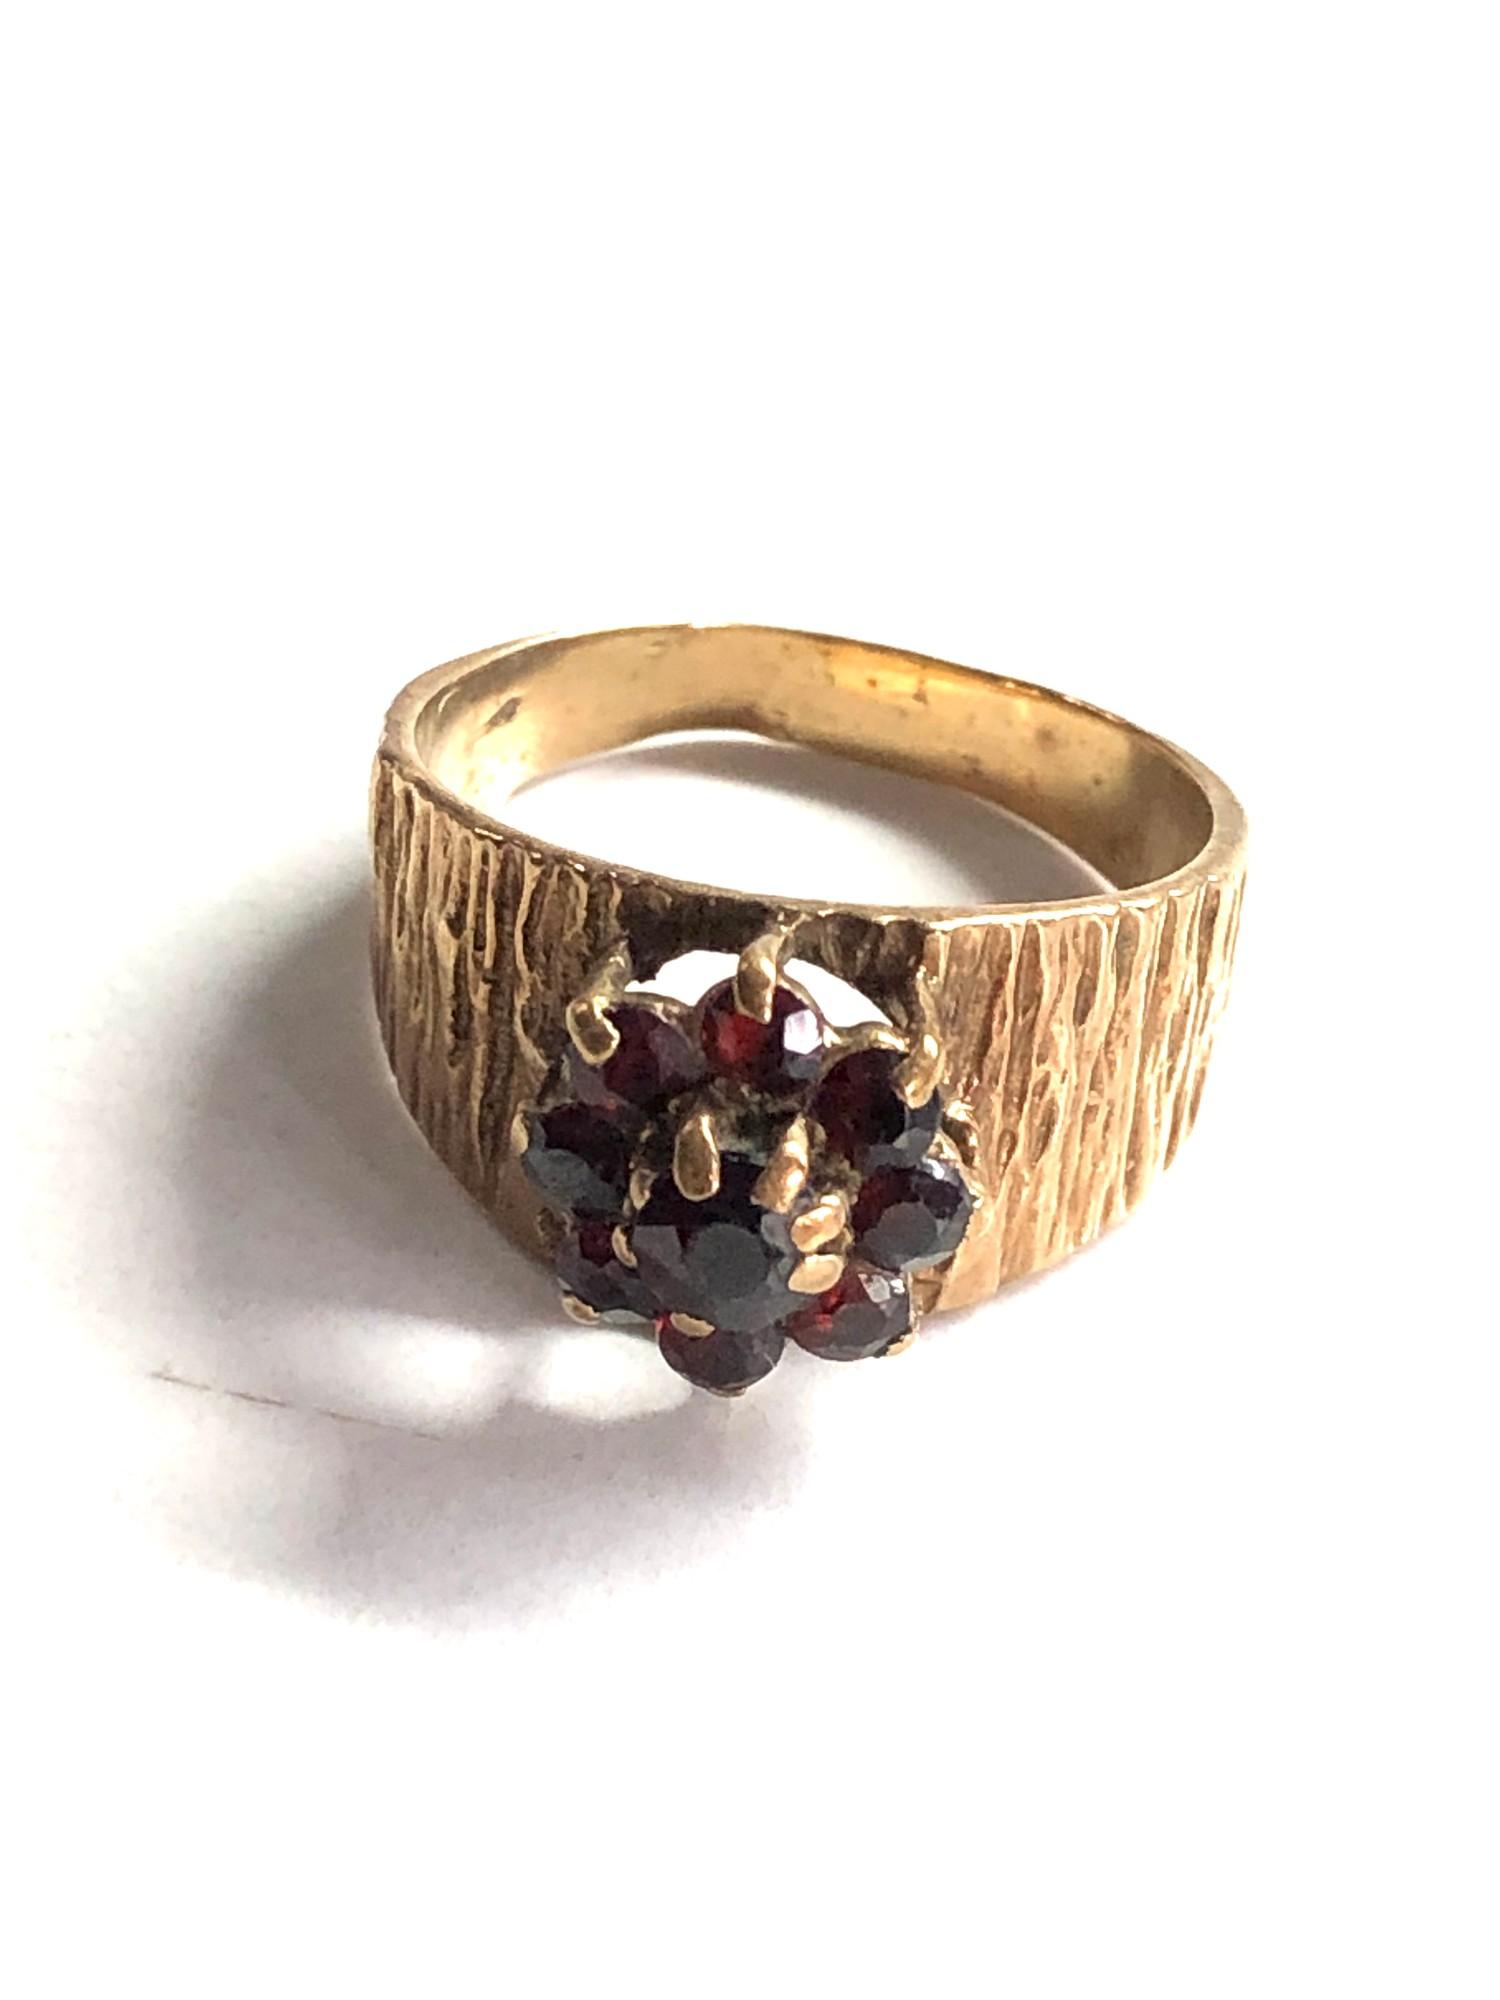 1970s bark textured garnet cluster ring 3.4g